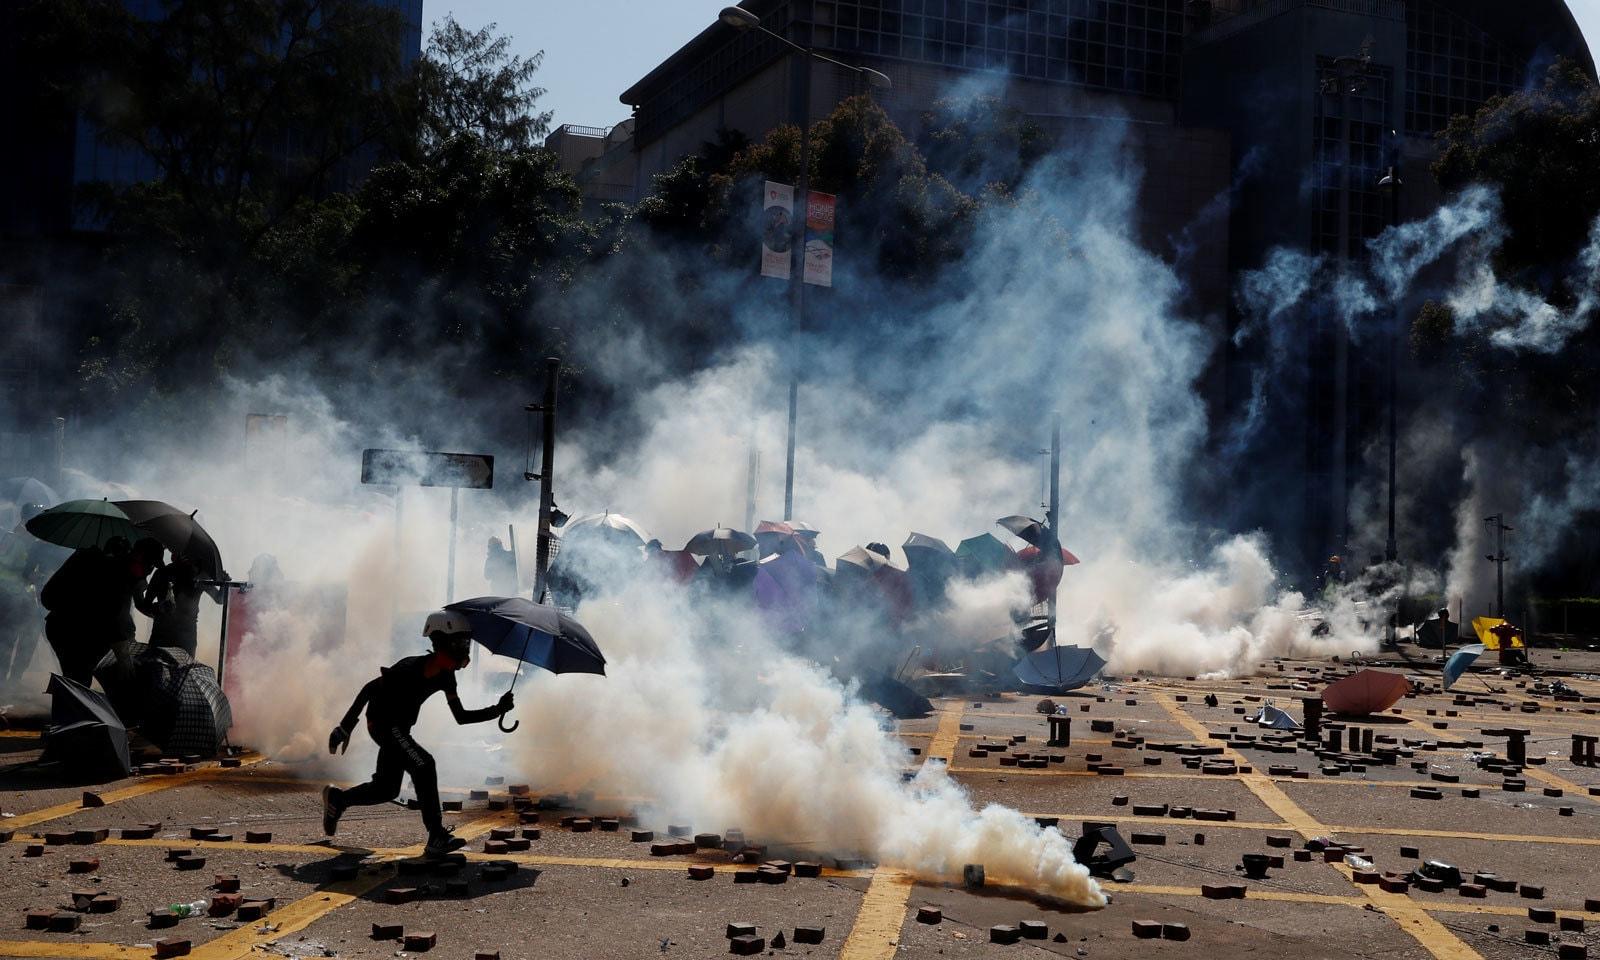 ہانگ کانگ: مظاہروں میں شدت، یونیورسٹی 'میدان جنگ' کا منظر پیش کرنے لگی